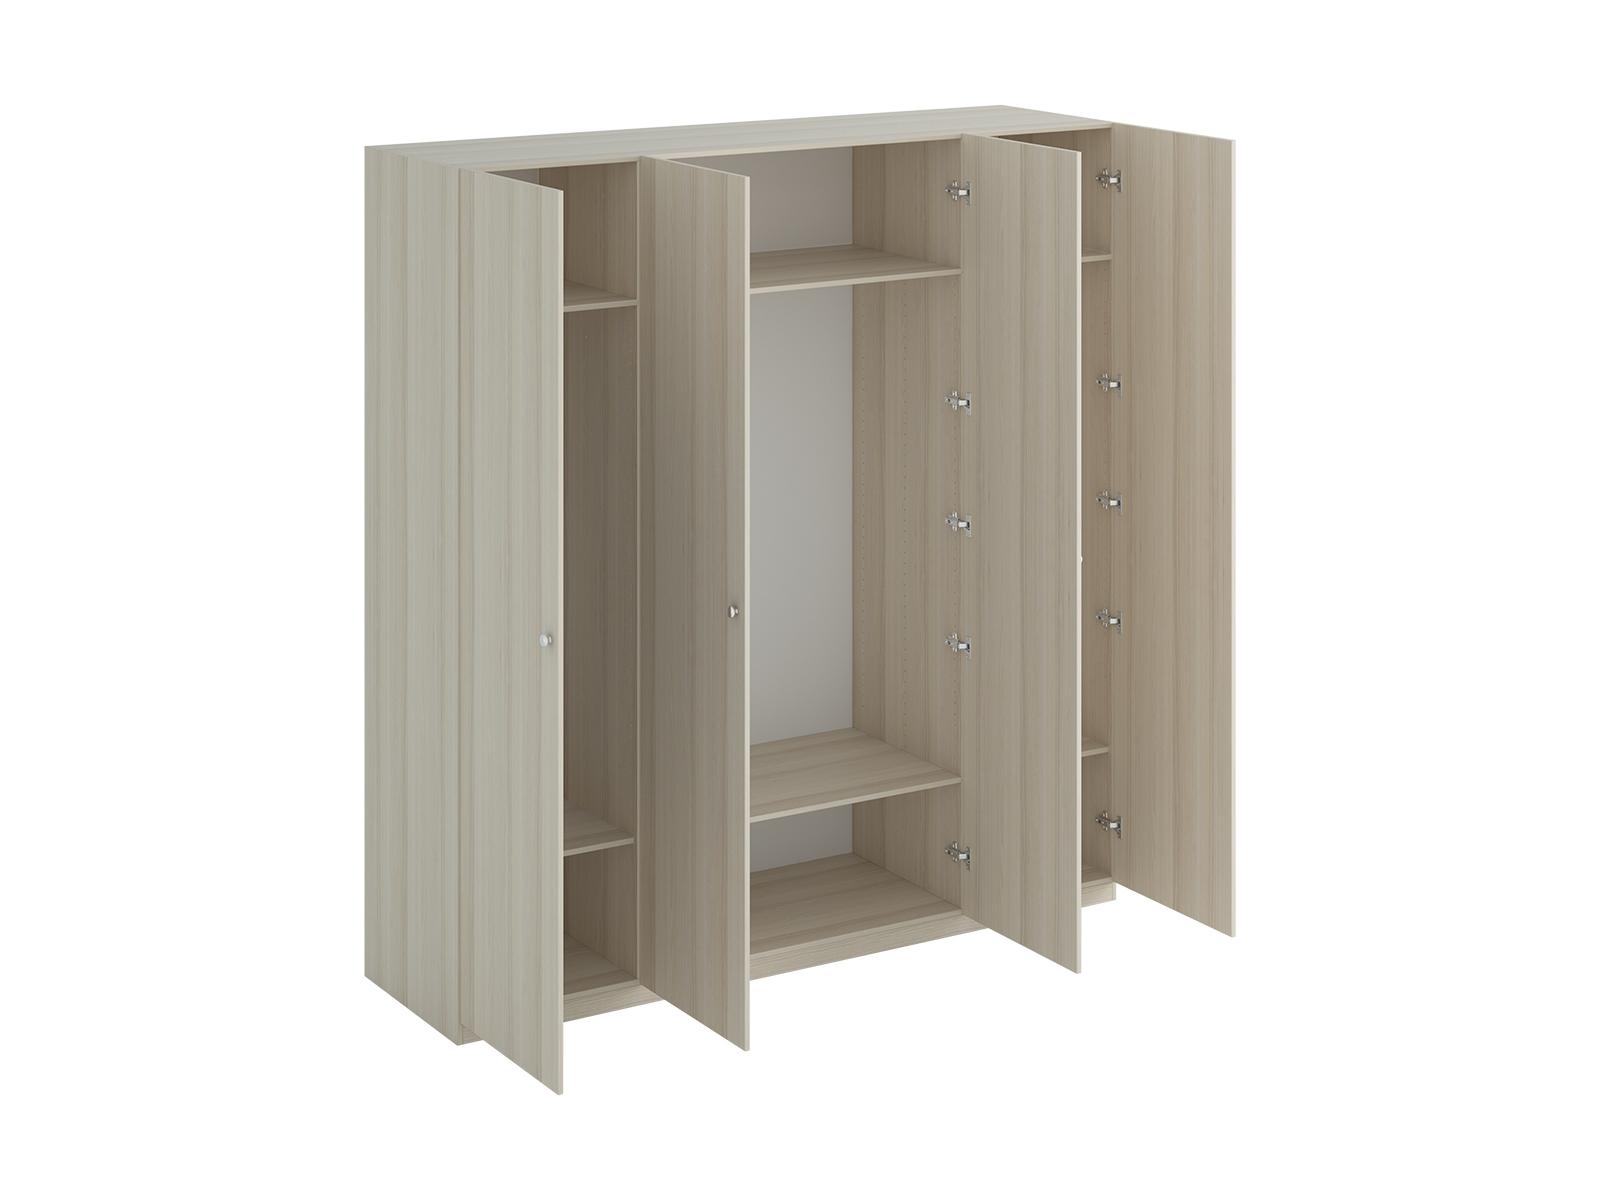 Шкаф Uno Ш4Платяные шкафы<br>Шкаф четырехдверный состоит их трёх отделений. В отделениях расположены верхние стационарные и нижние съемные полки. Шкаф установлен на регулируемые опоры. Данную мебель рекомендуется крепить к стене. Ручки и внутренние элементы продаются отдельно.<br><br>Material: ДСП<br>Width см: 220<br>Depth см: 60<br>Height см: 233